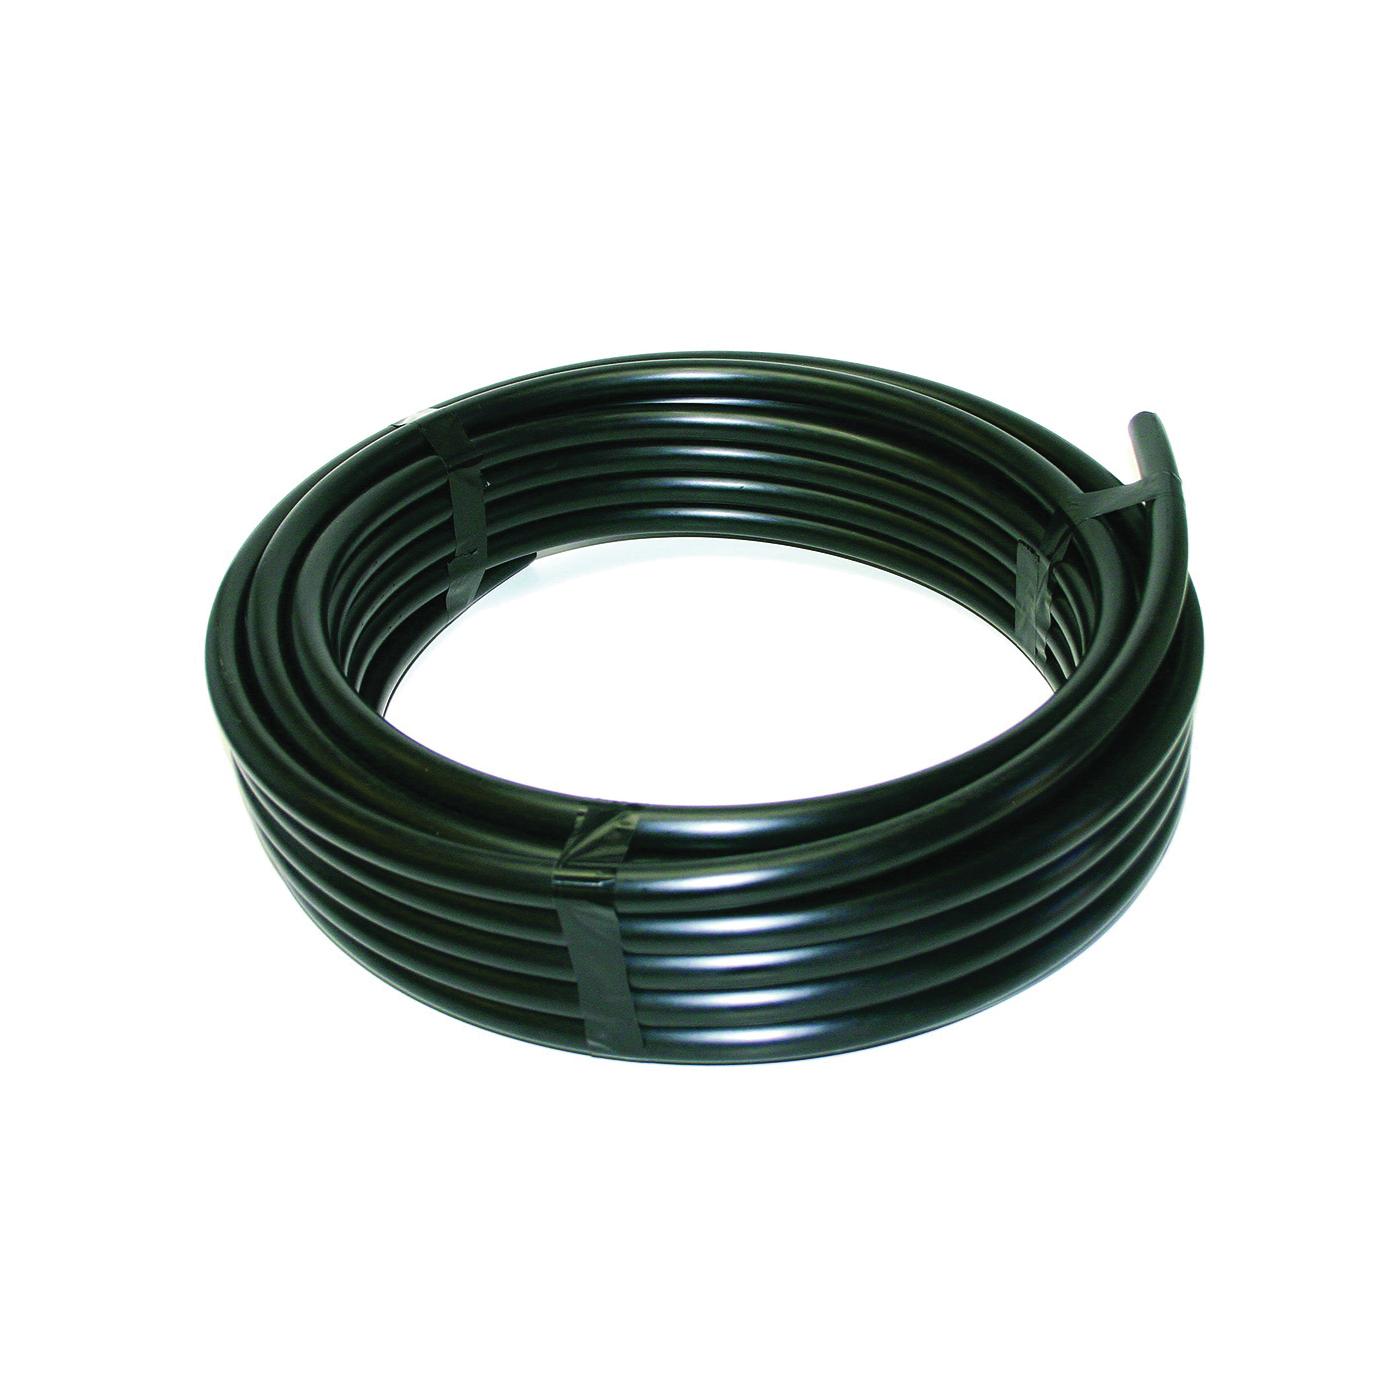 Picture of Orbit 37154 Riser Flexible Pipe, 1/2 in, 50 ft L, Polyethylene, Black